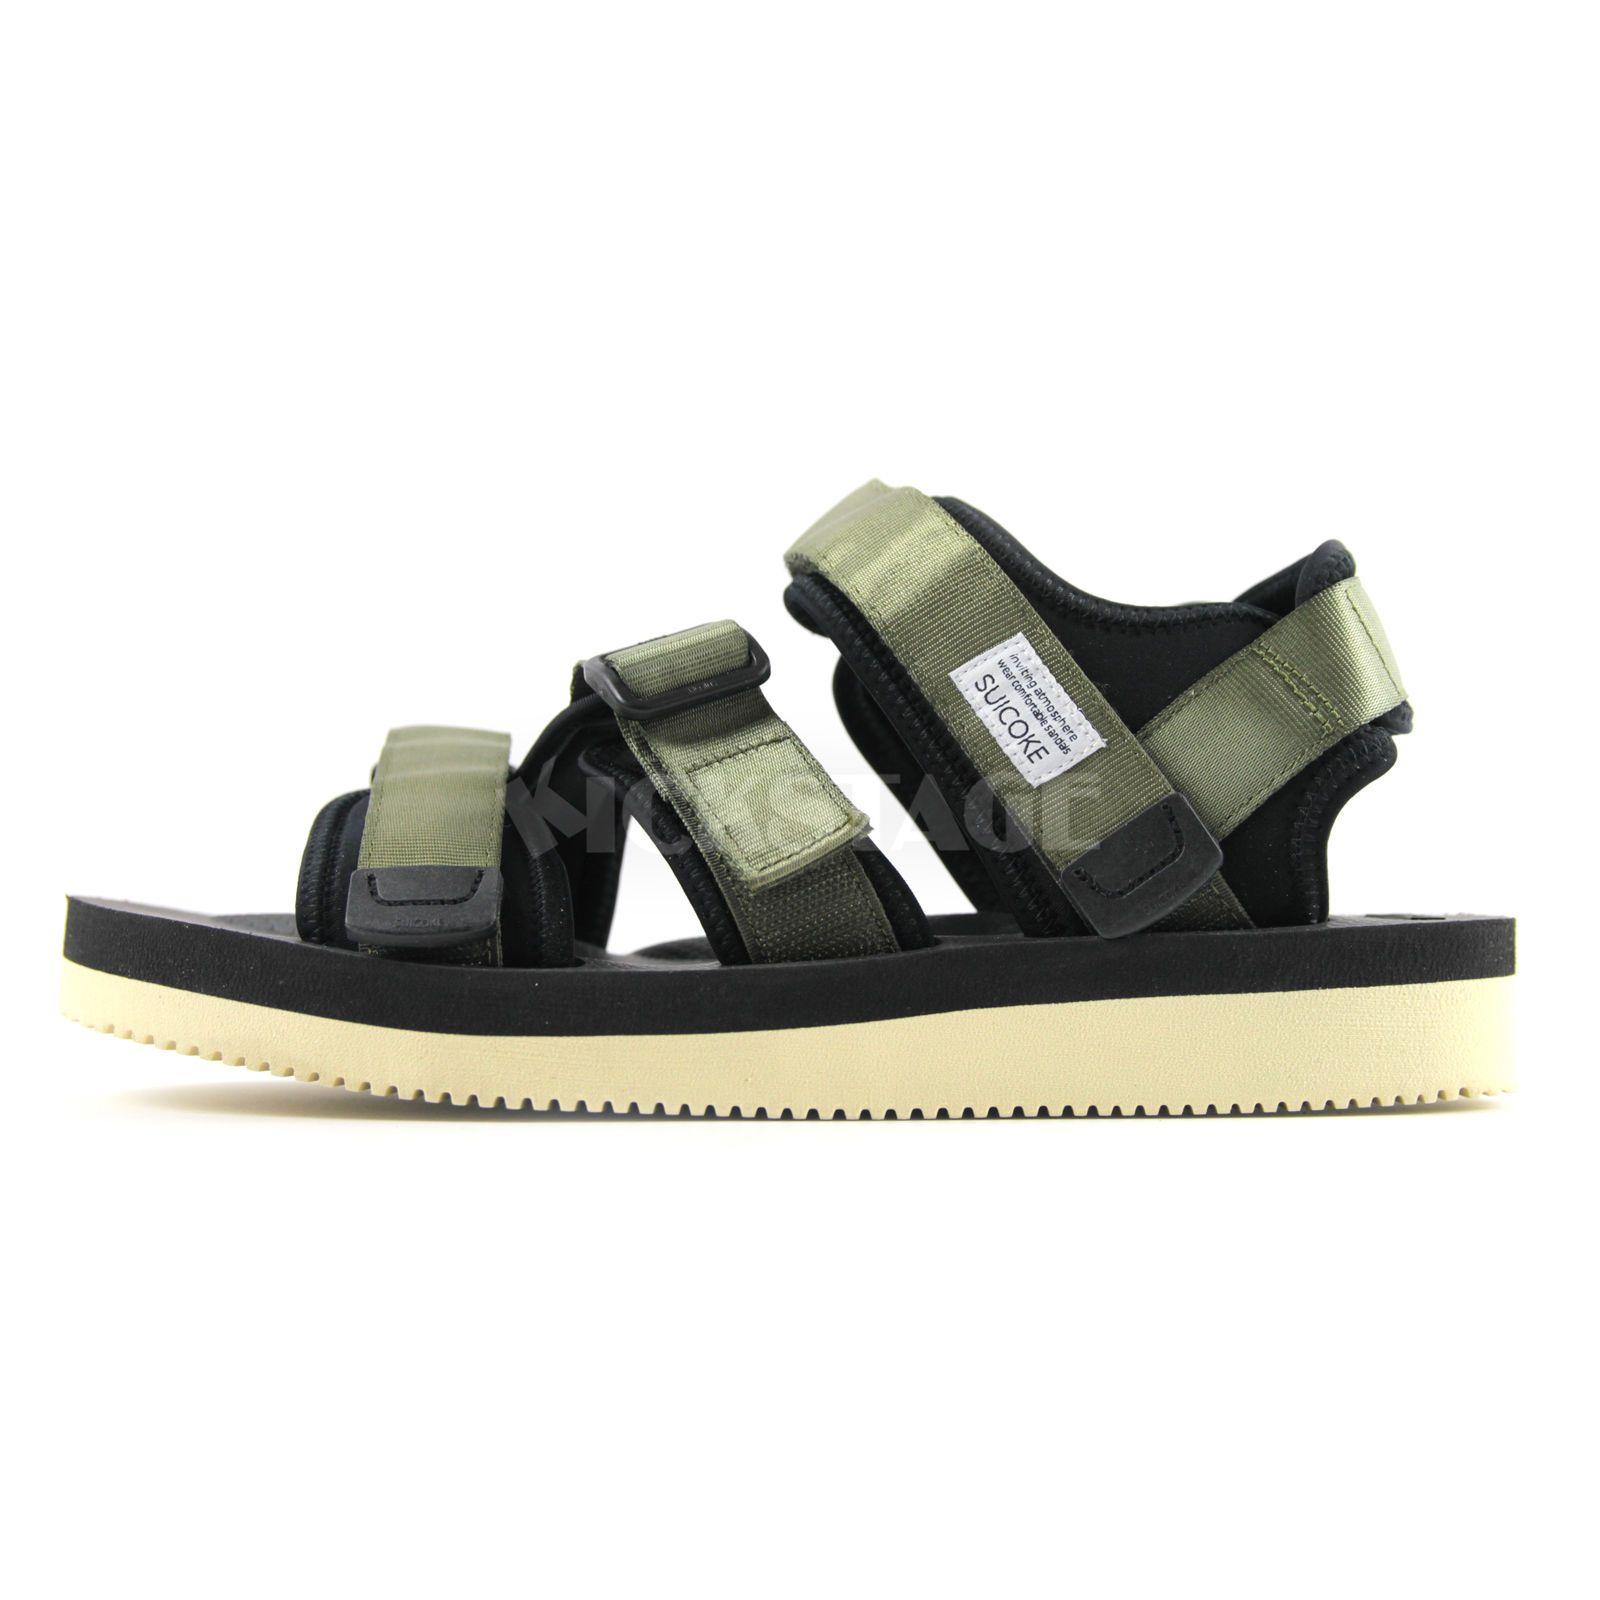 83150939abfc Suicoke KISEE-V   OG-044V Olive Green Platform Vibram Sandals Sandal  SK044VOL